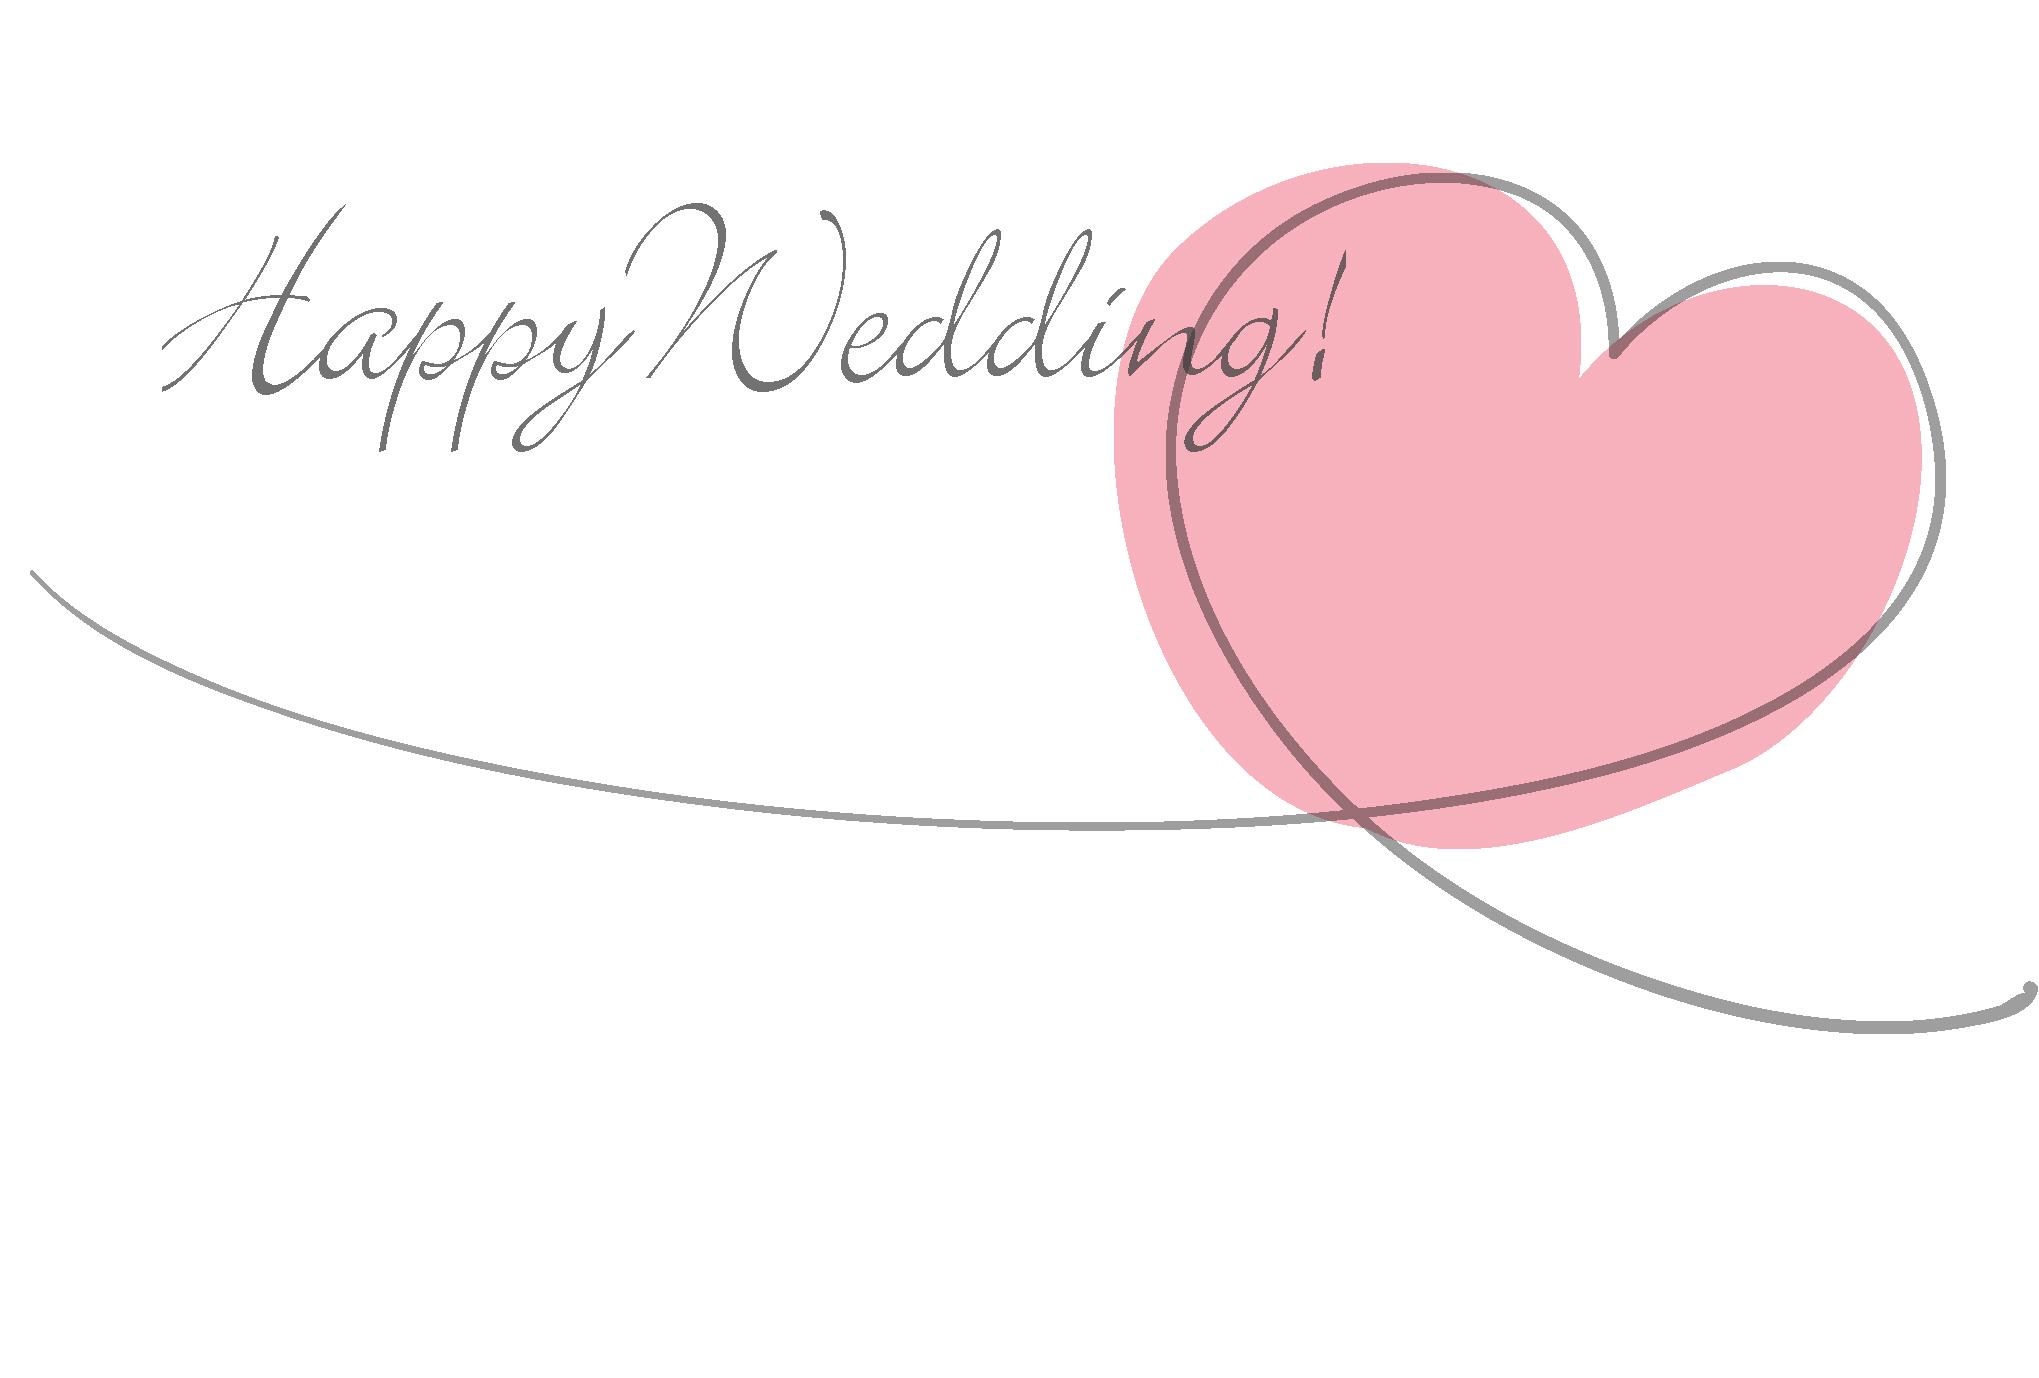 結婚祝い おめでとう!】はがき・メッセージポストカード テンプレート